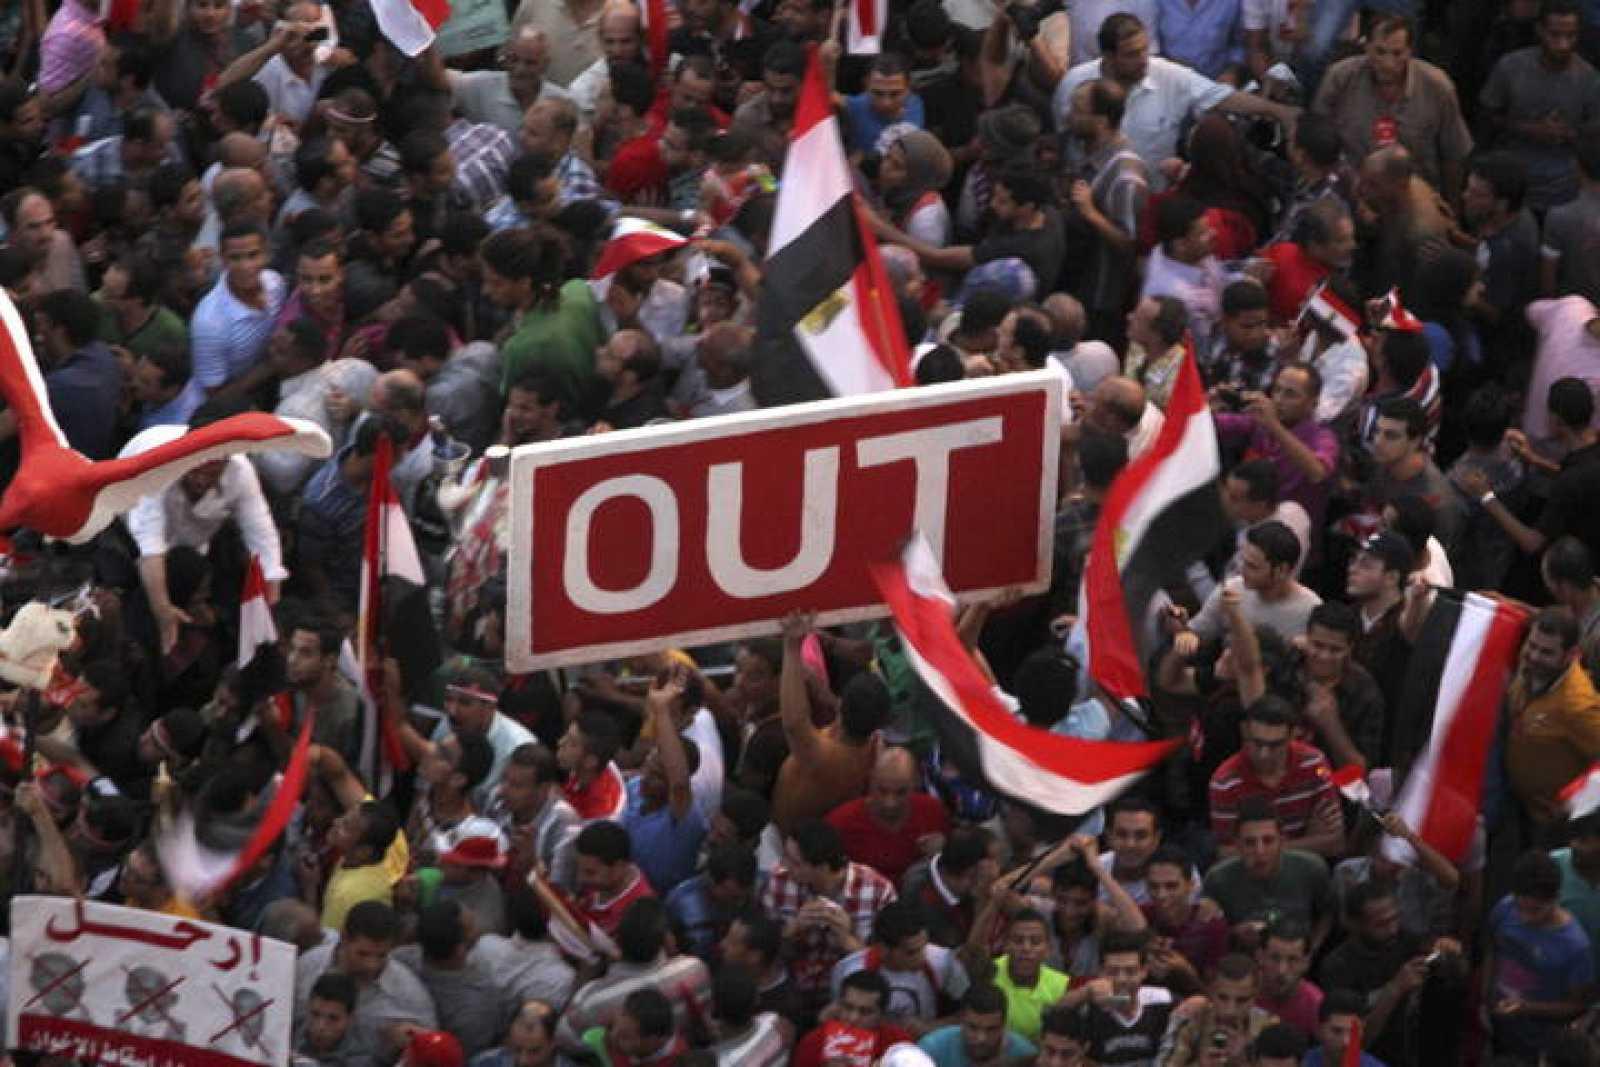 CIENTOS DE OPOSITORES DE MURSI SE MANIFIESTAN EN LA PLAZA TAHRIR